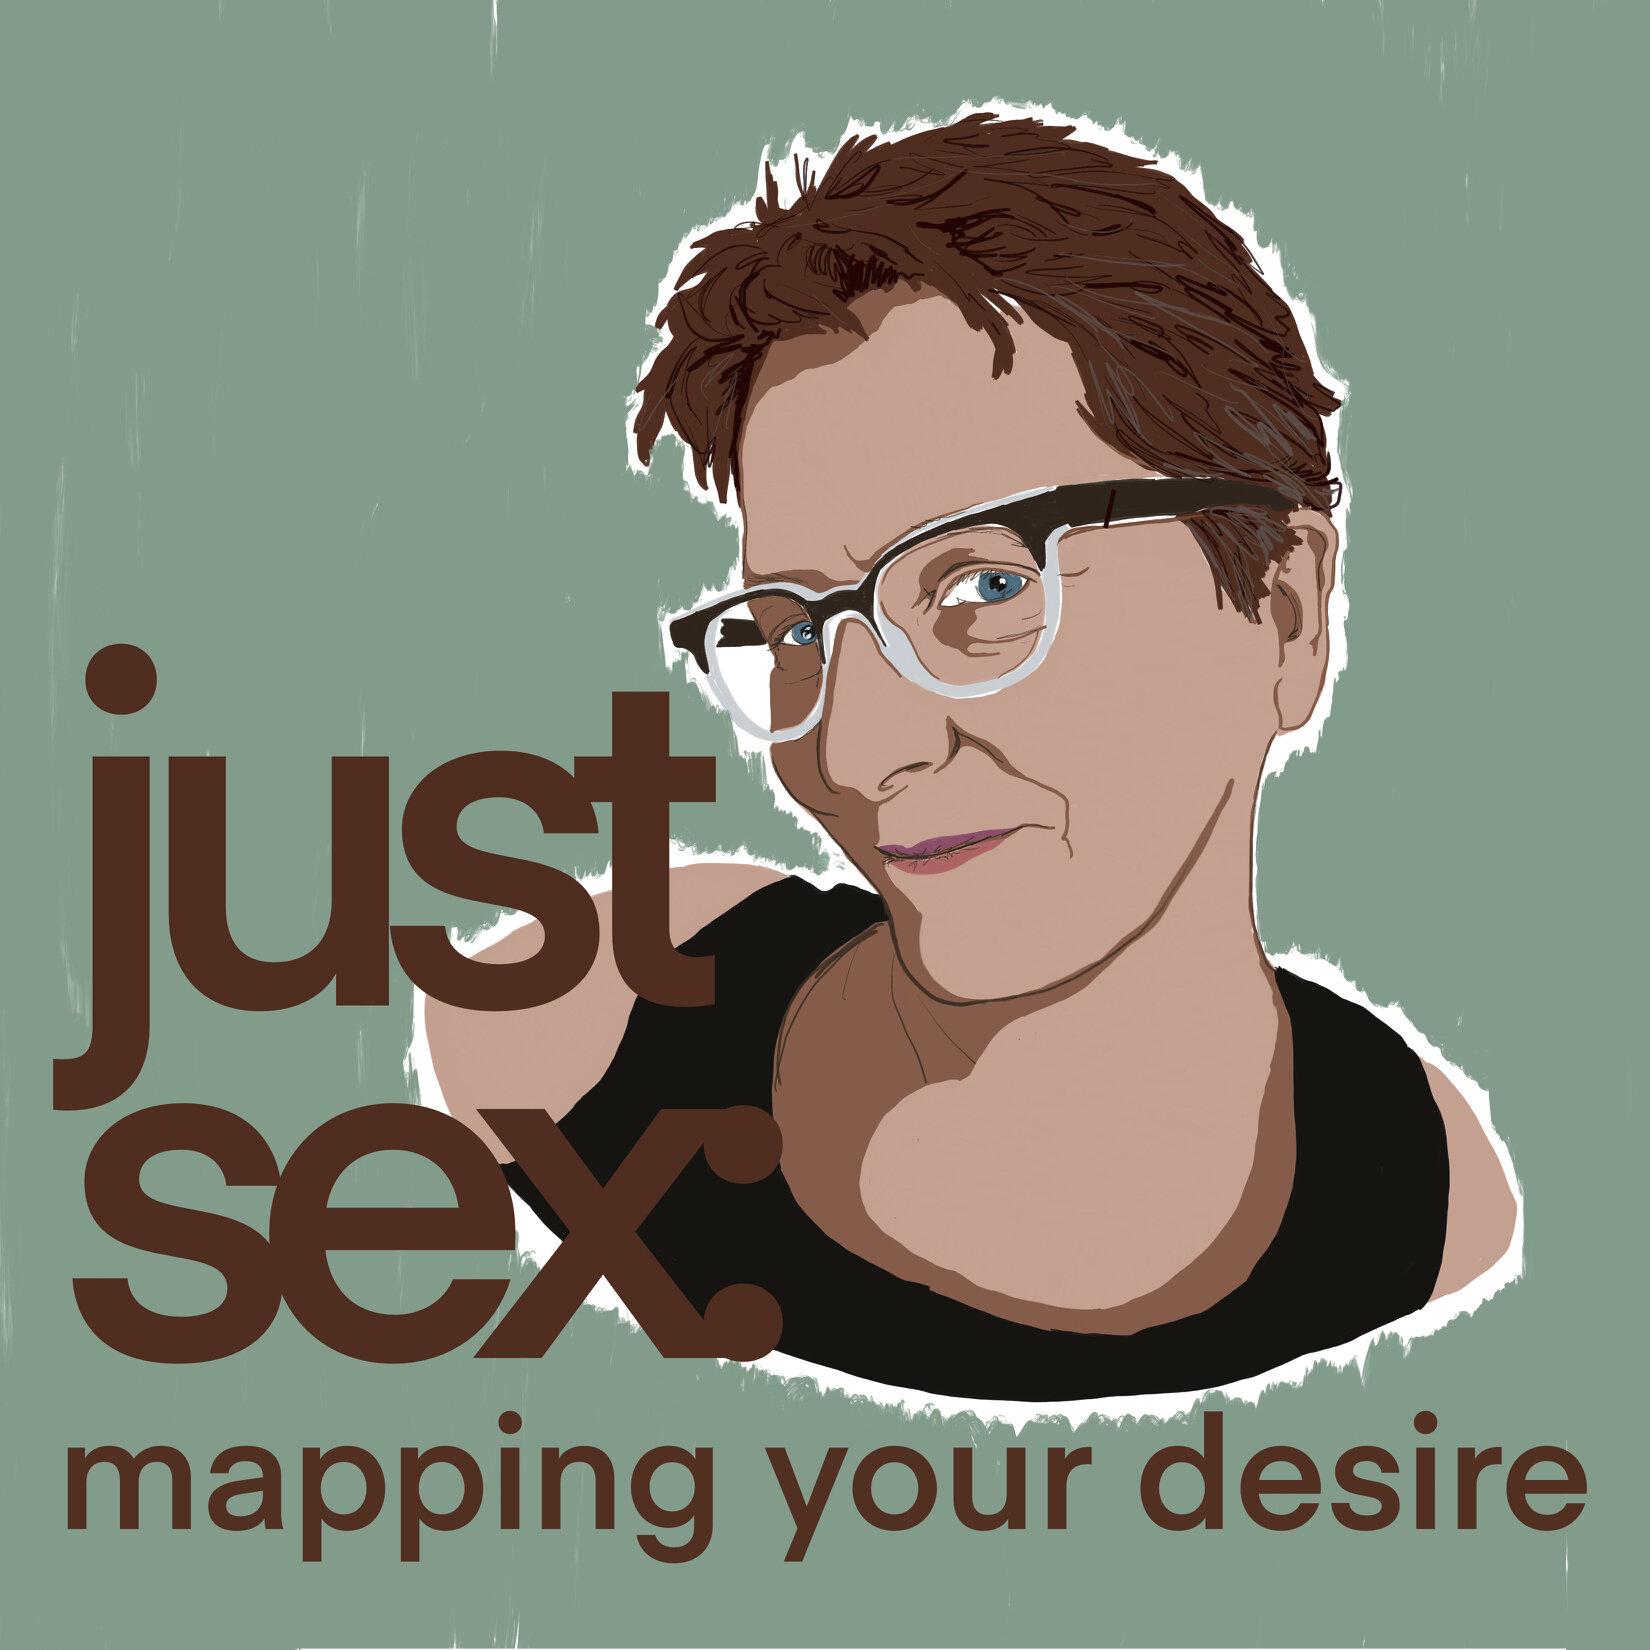 sex just